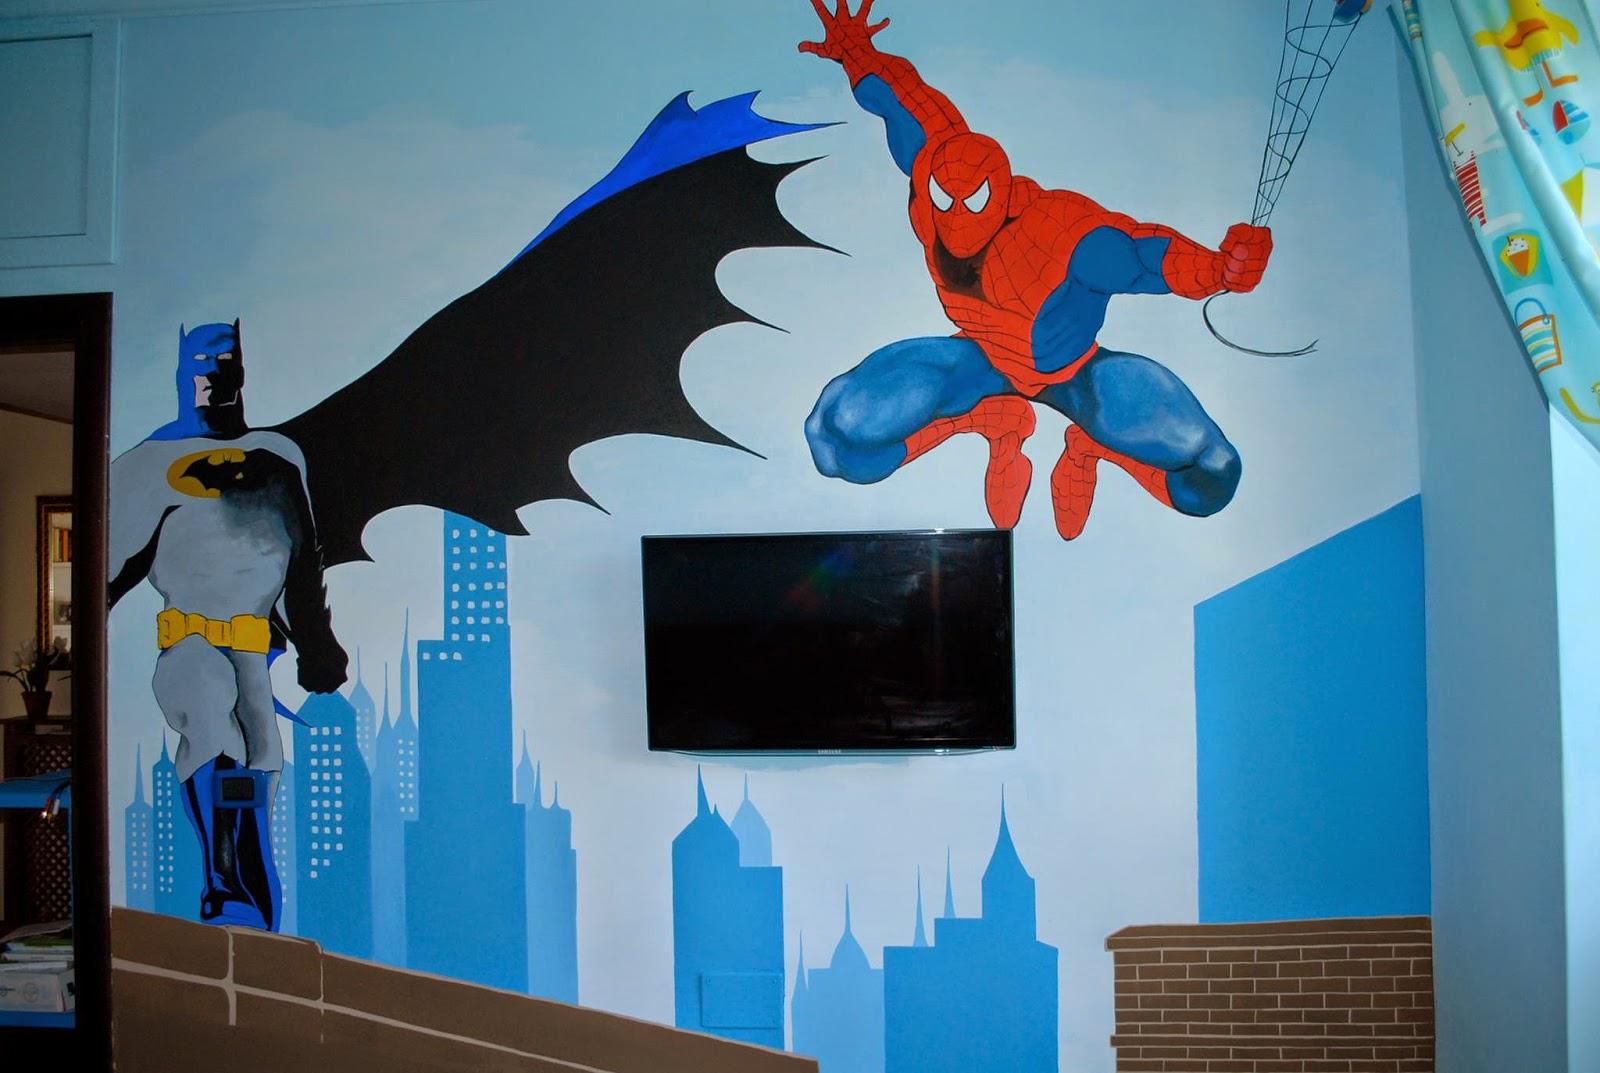 Francesca Decorazioni  Cameretta di Spiderman e Supereroi -> Lampadario Cameretta Spiderman